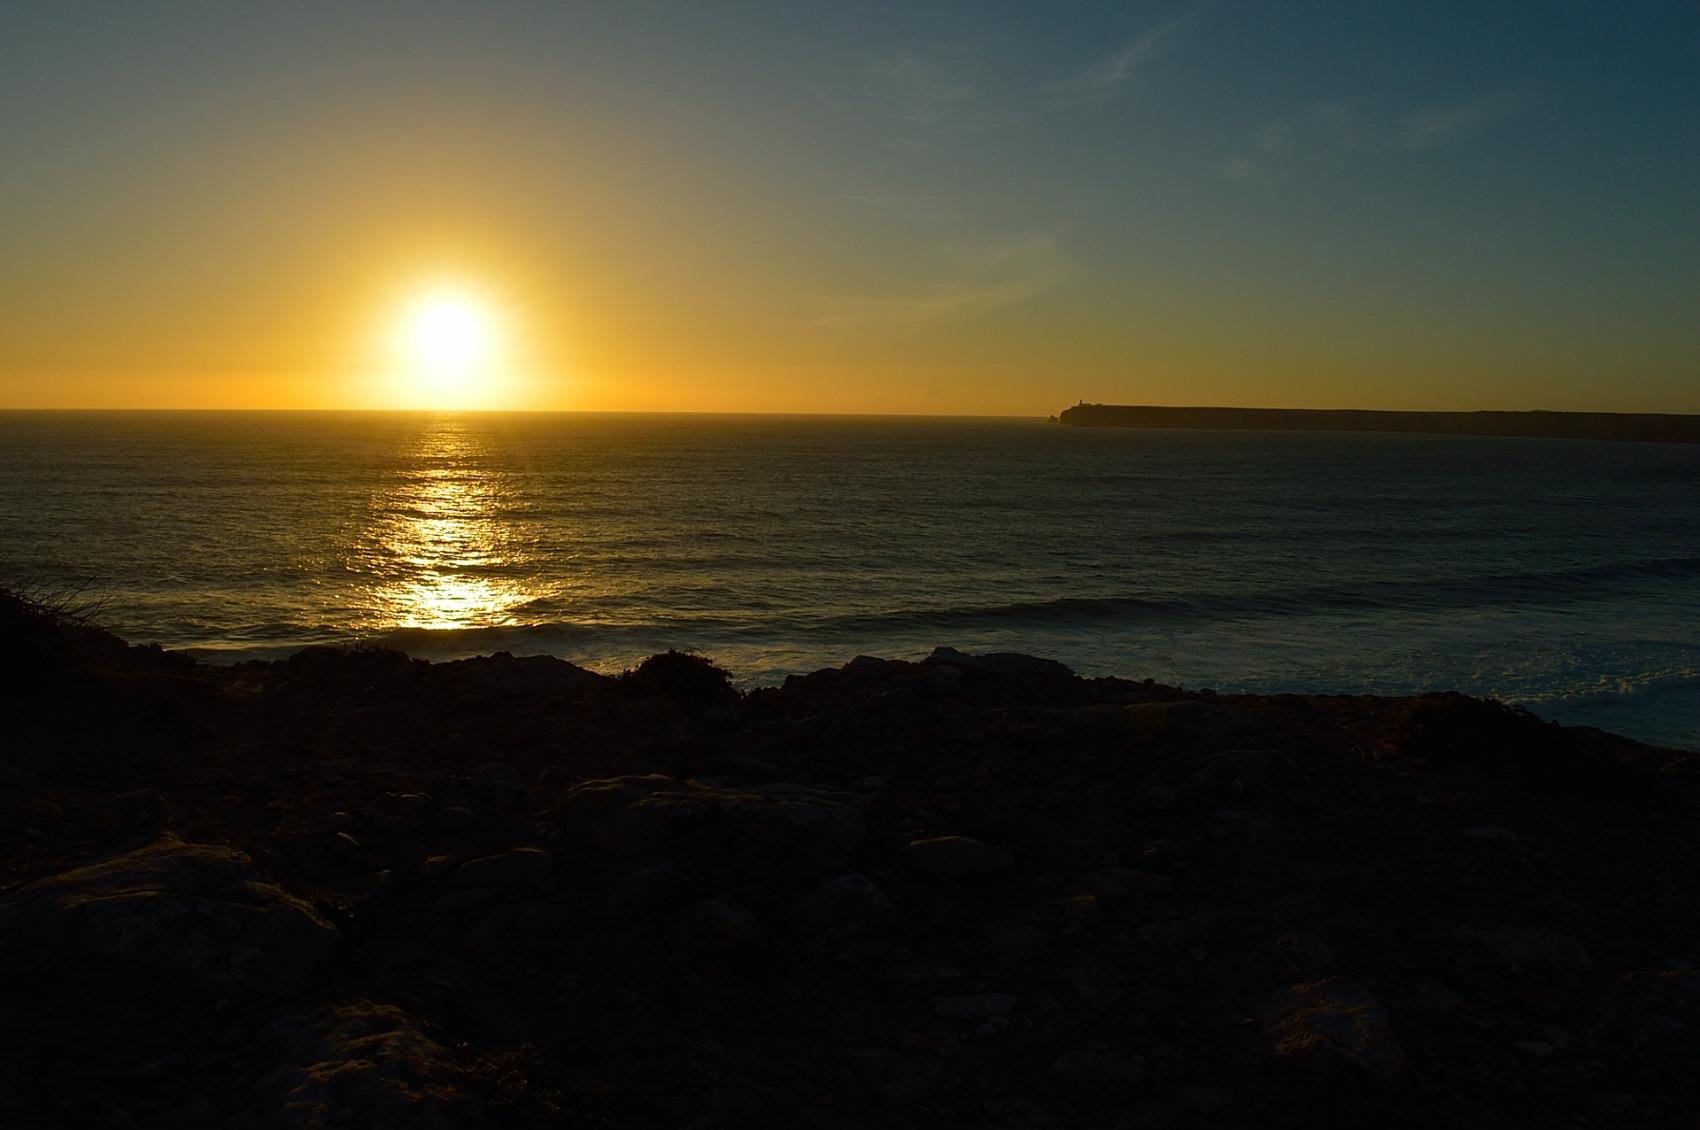 Sunset in Sagres